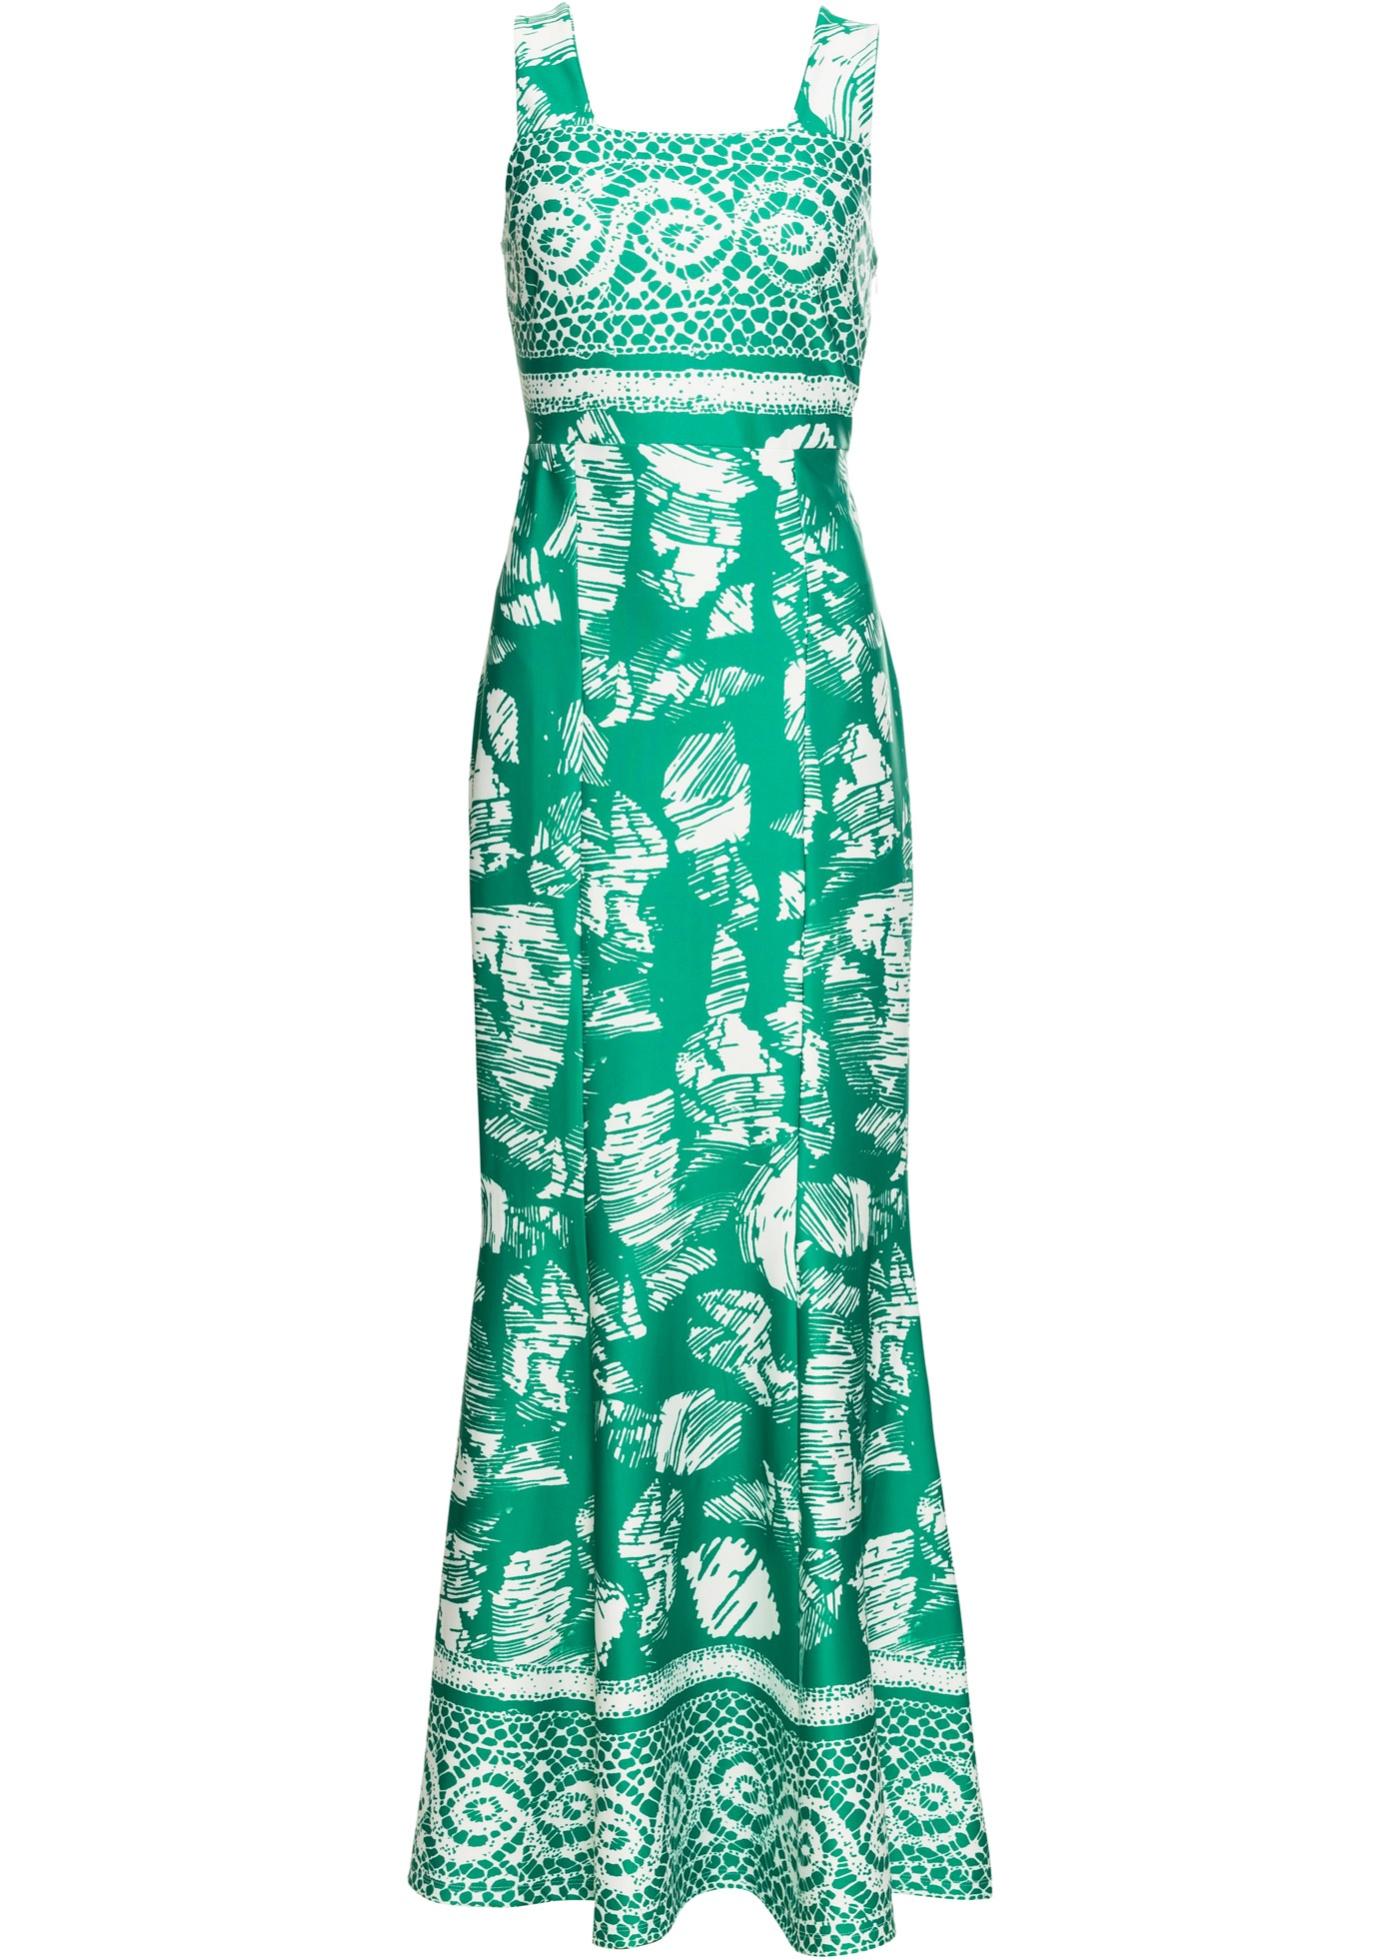 Boutique Imprimé À BonprixRobe Vert Pour Manches D'été Sans Femme Bodyflirt rdBoWQxCe